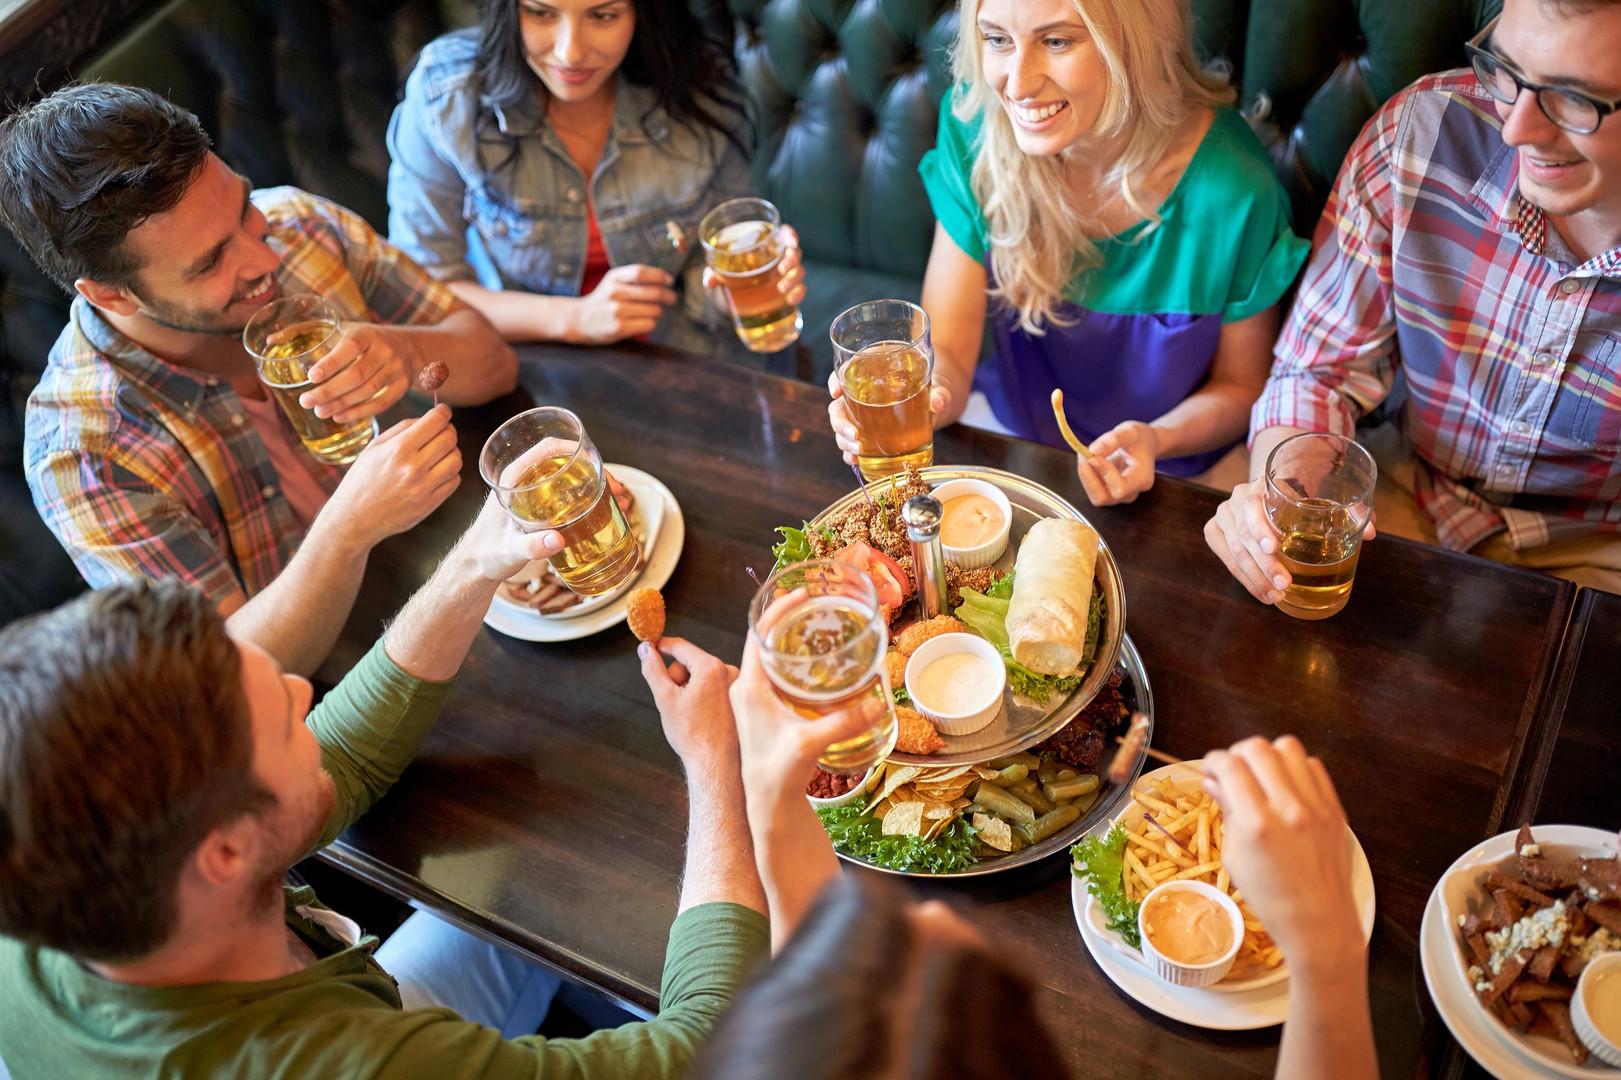 leisure, food, drinks, people and holida